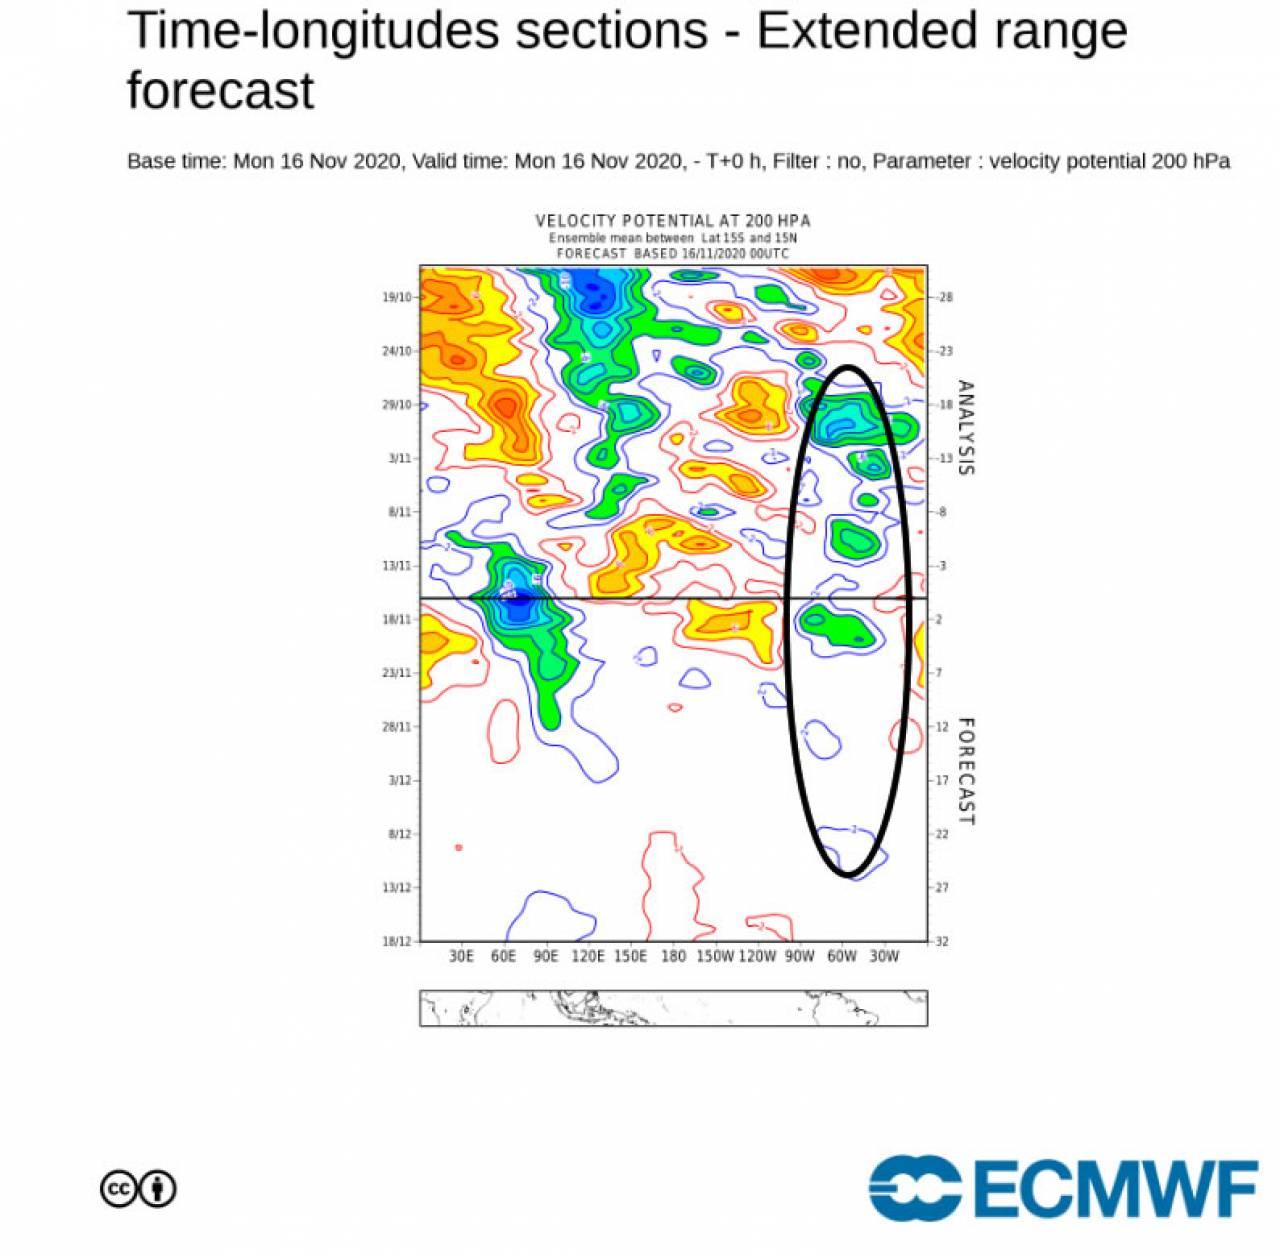 condizioni favorevoli per lo sviluppo ciclonico secondo ecmwf per tutto novembre